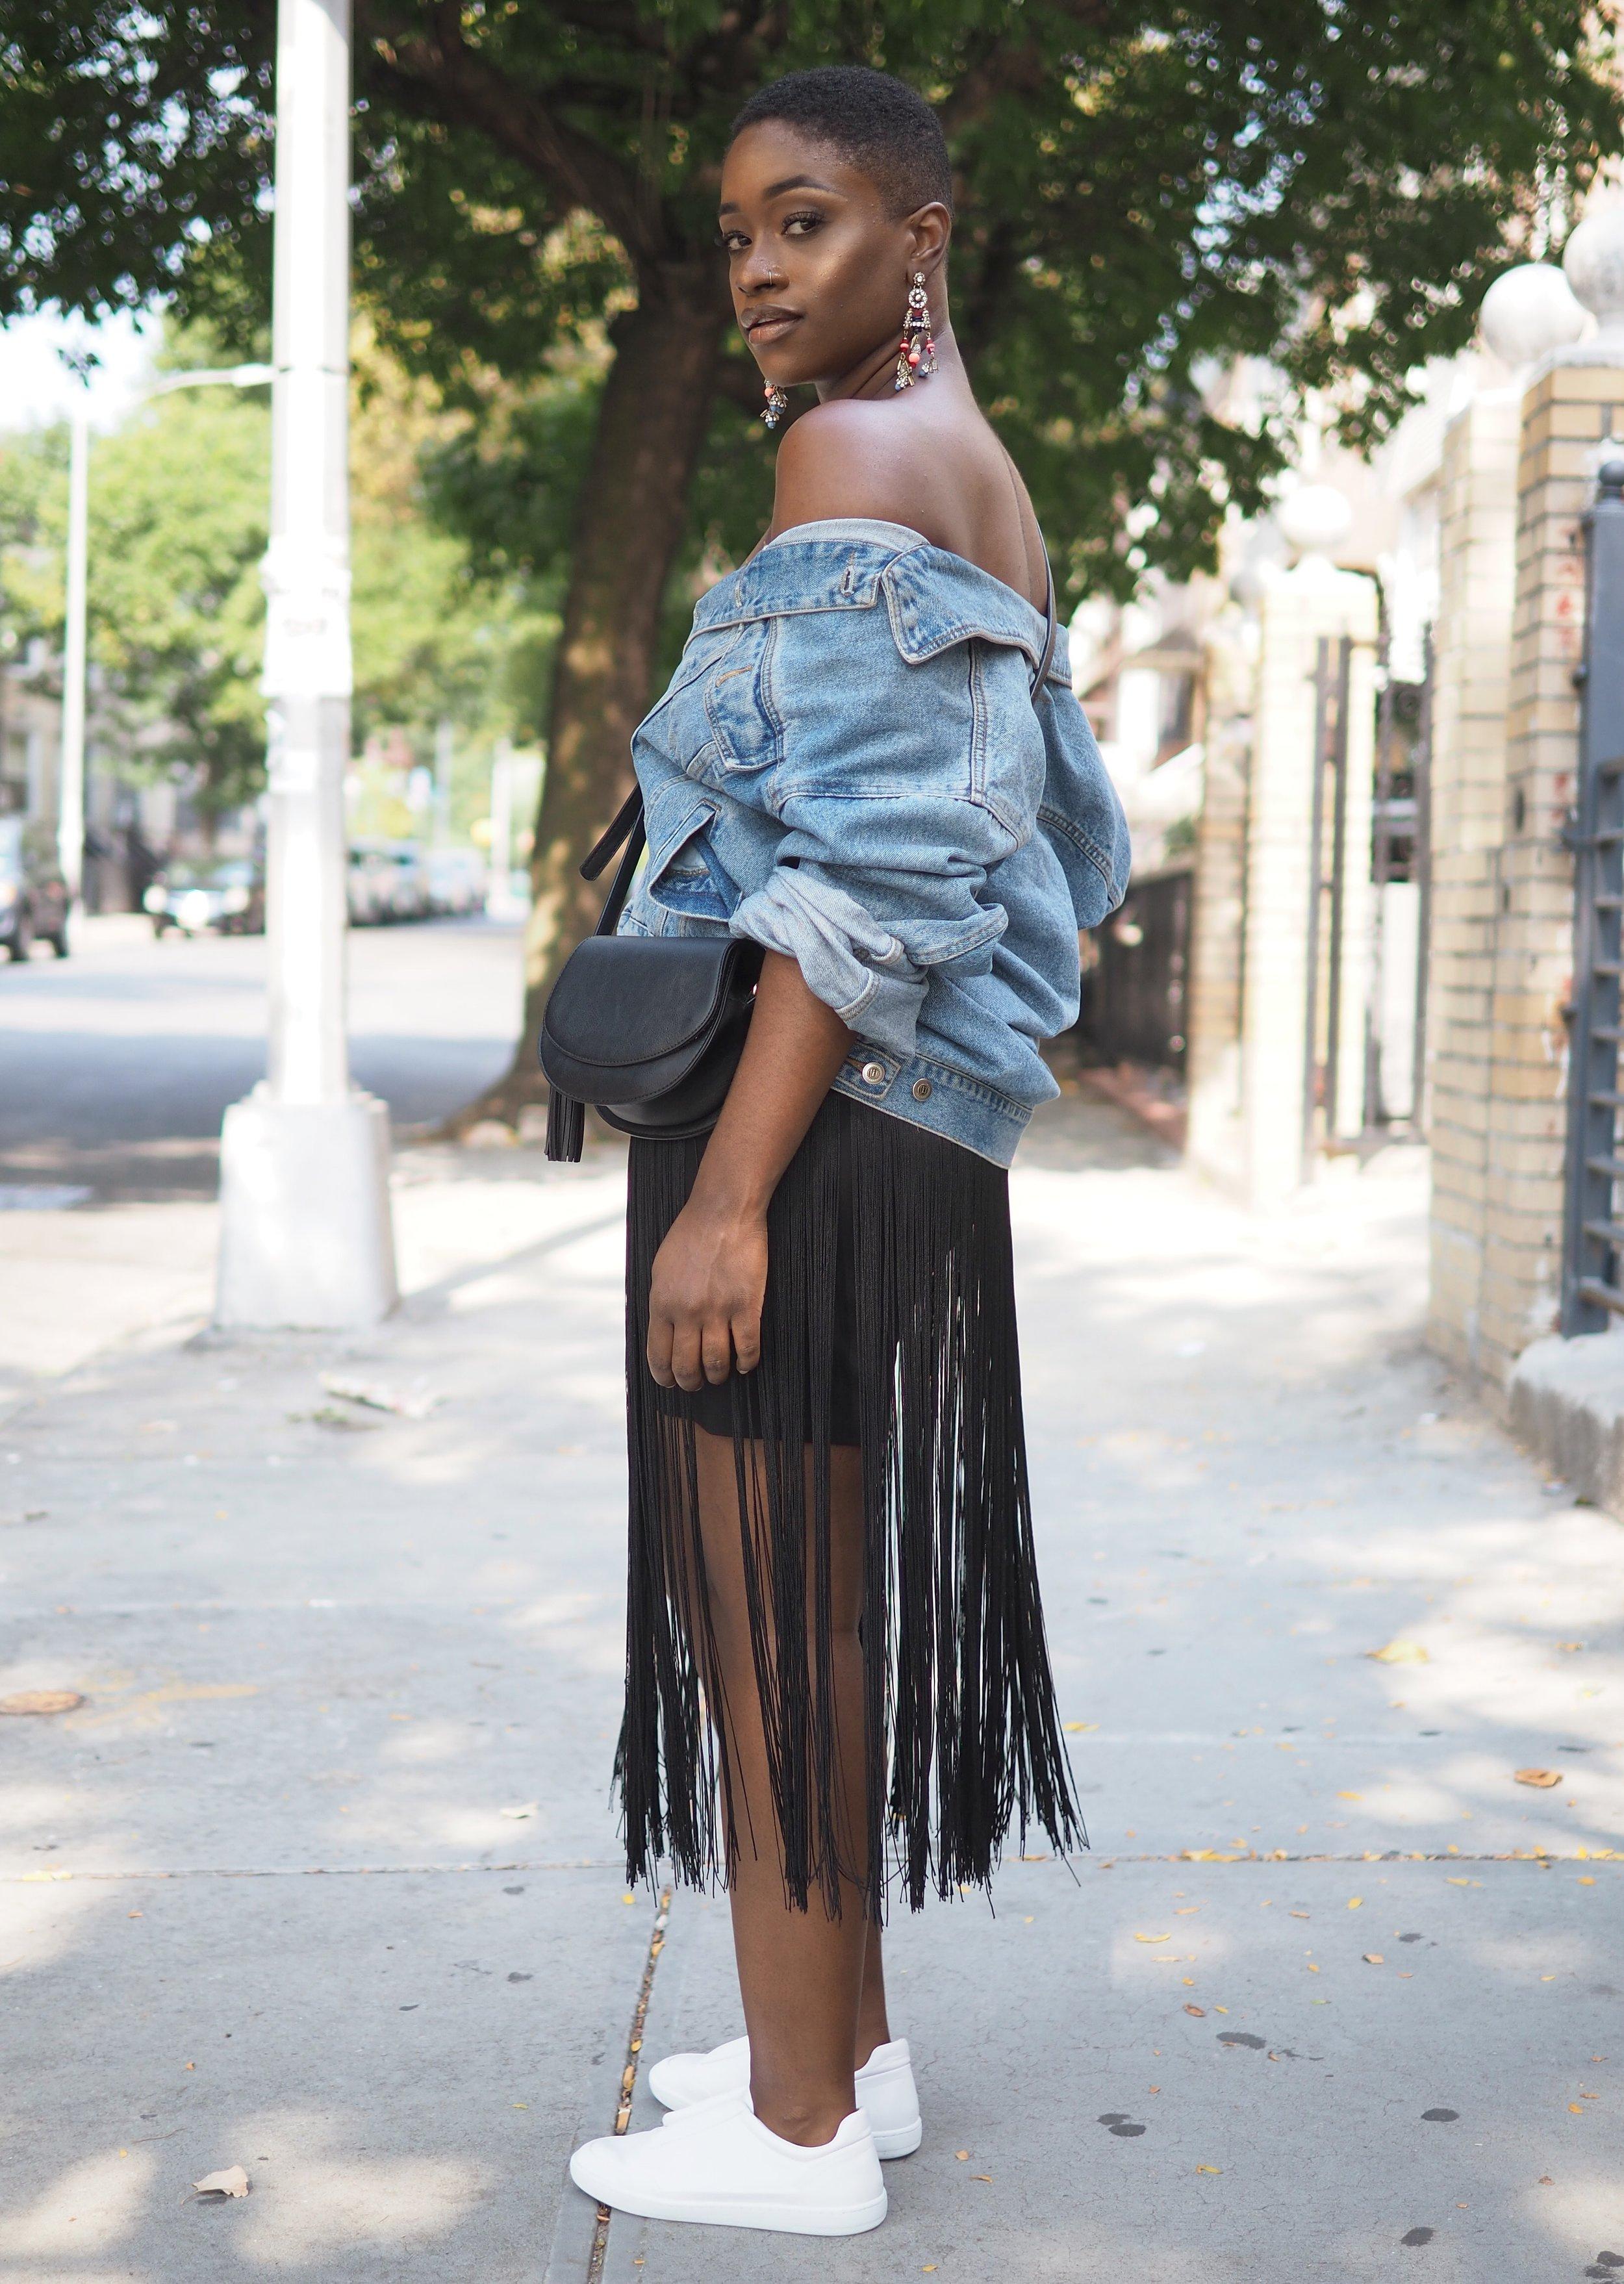 The Language of Yolande Denim Jacket and Fringe Skirt